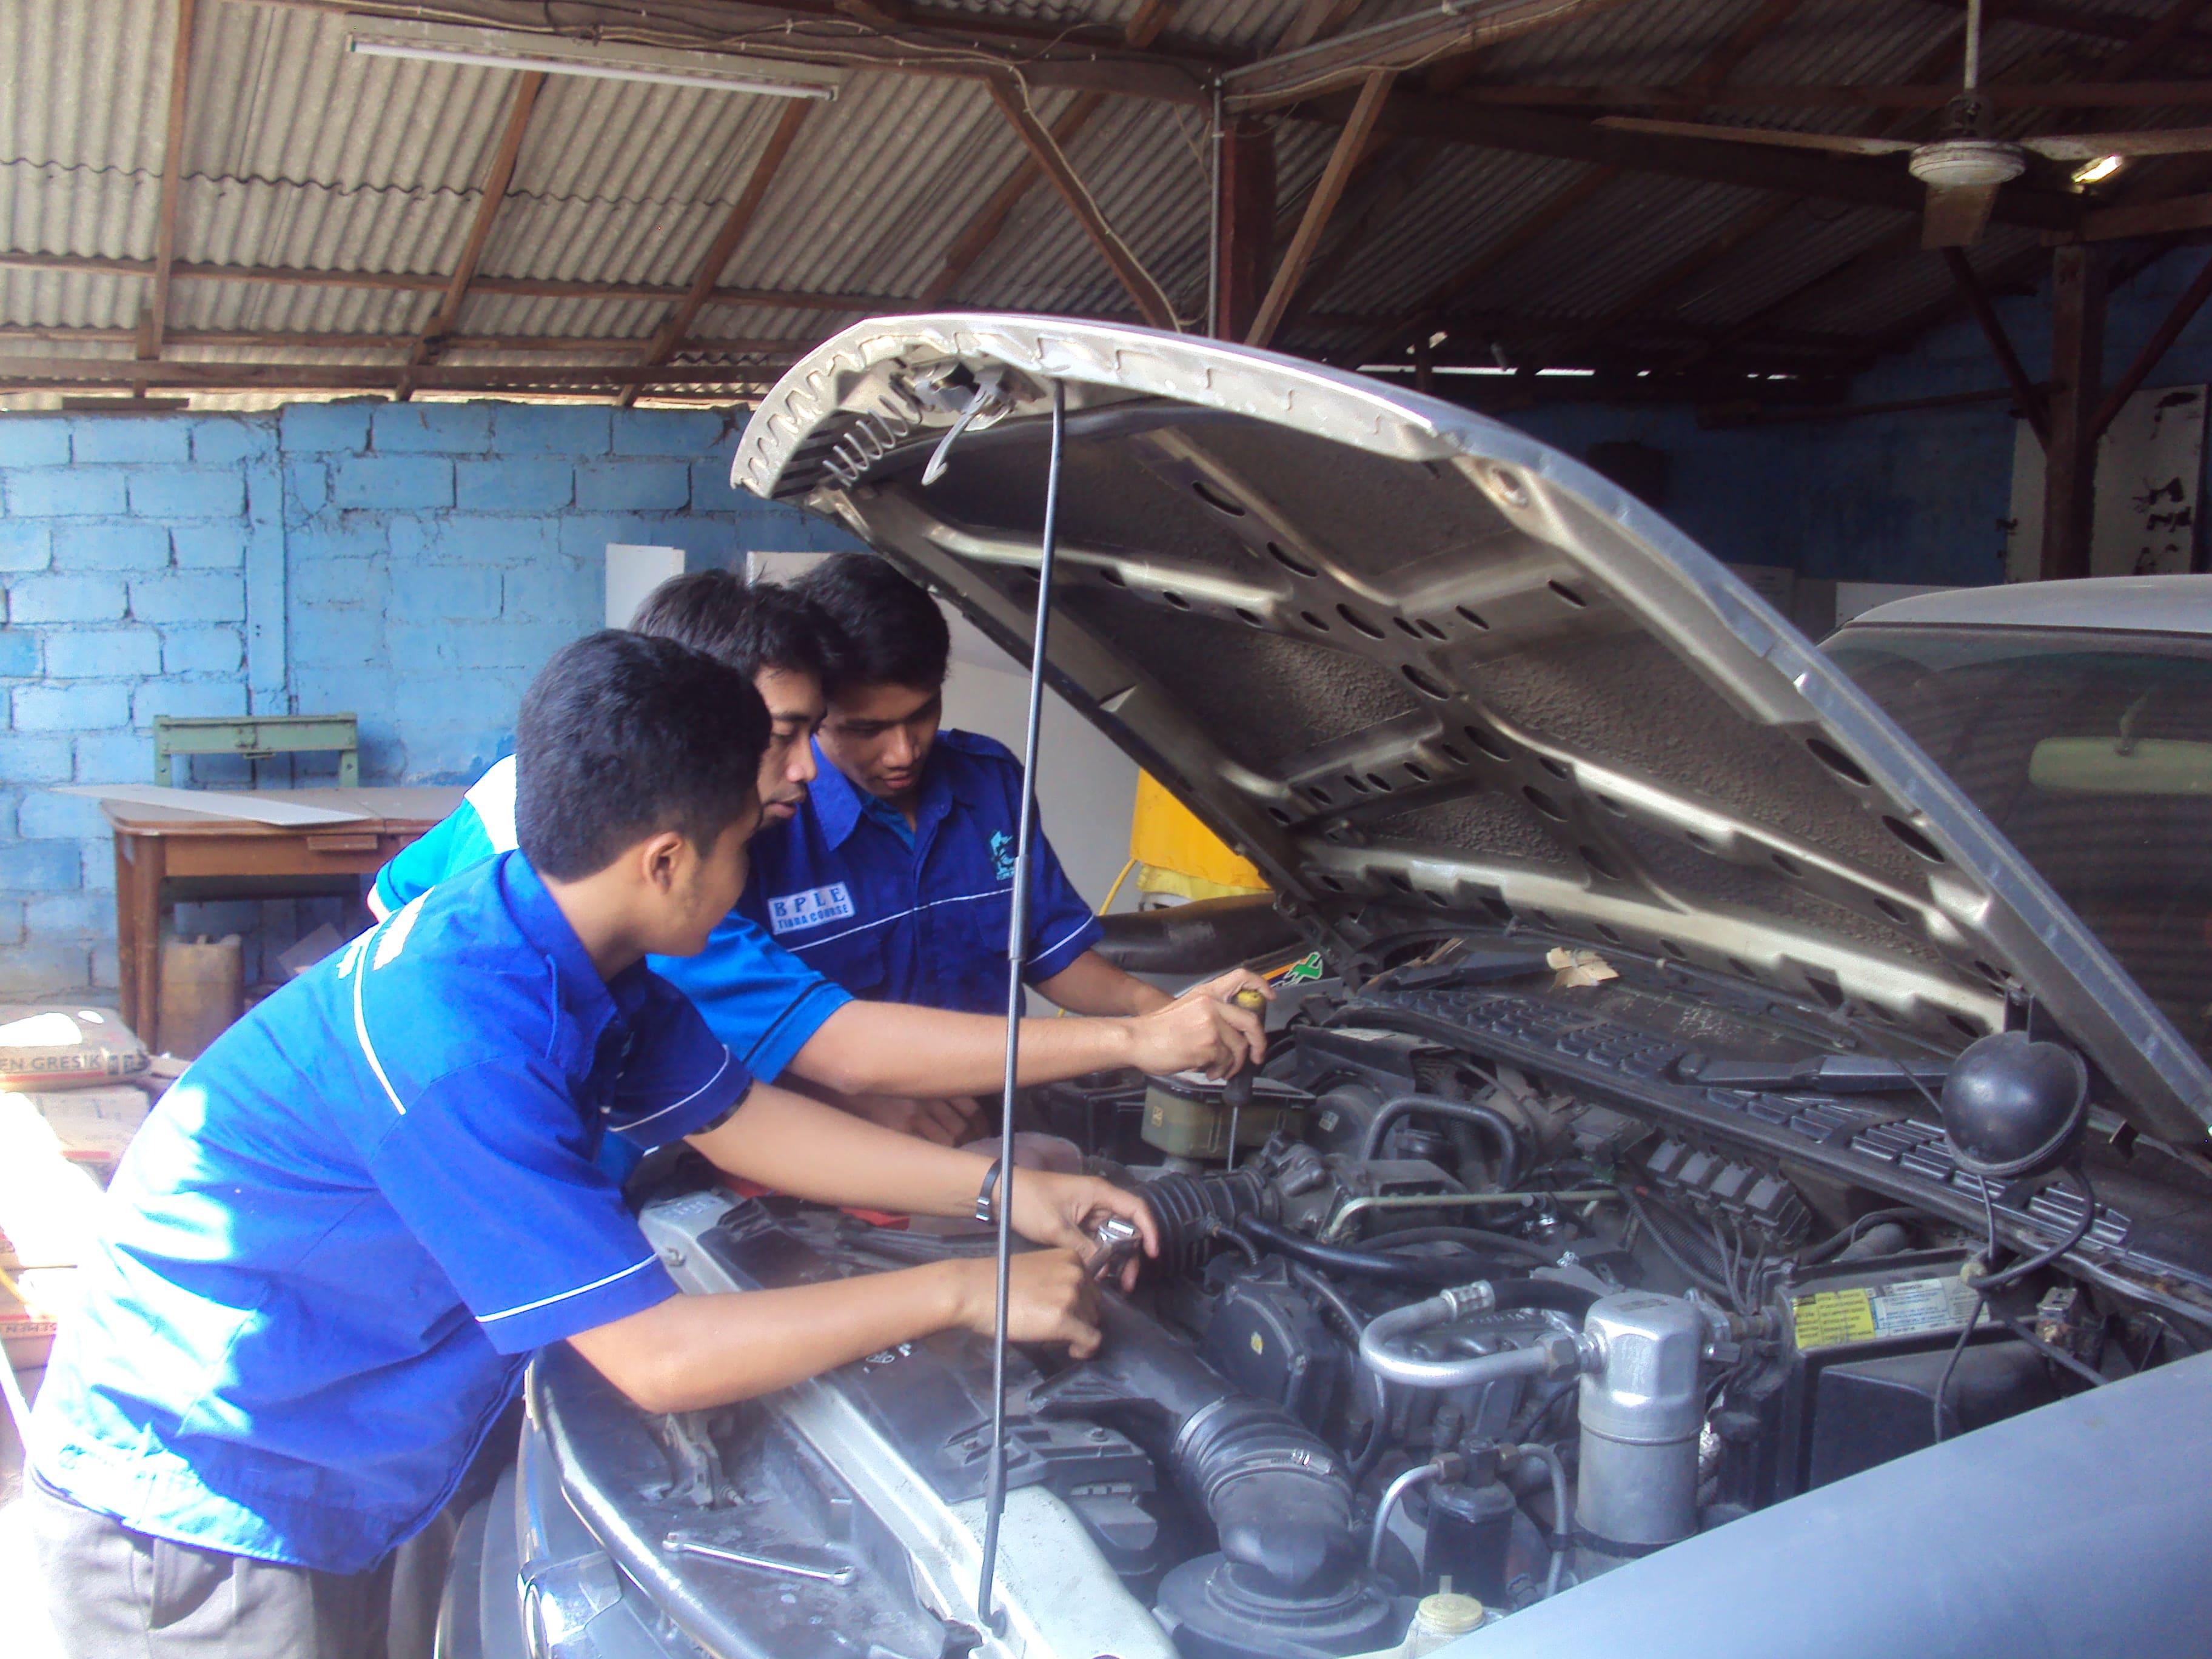 Kegiatan Praktek Jurusan Engineering Otomotif - Teknik Mobil BPLE Tiara Course